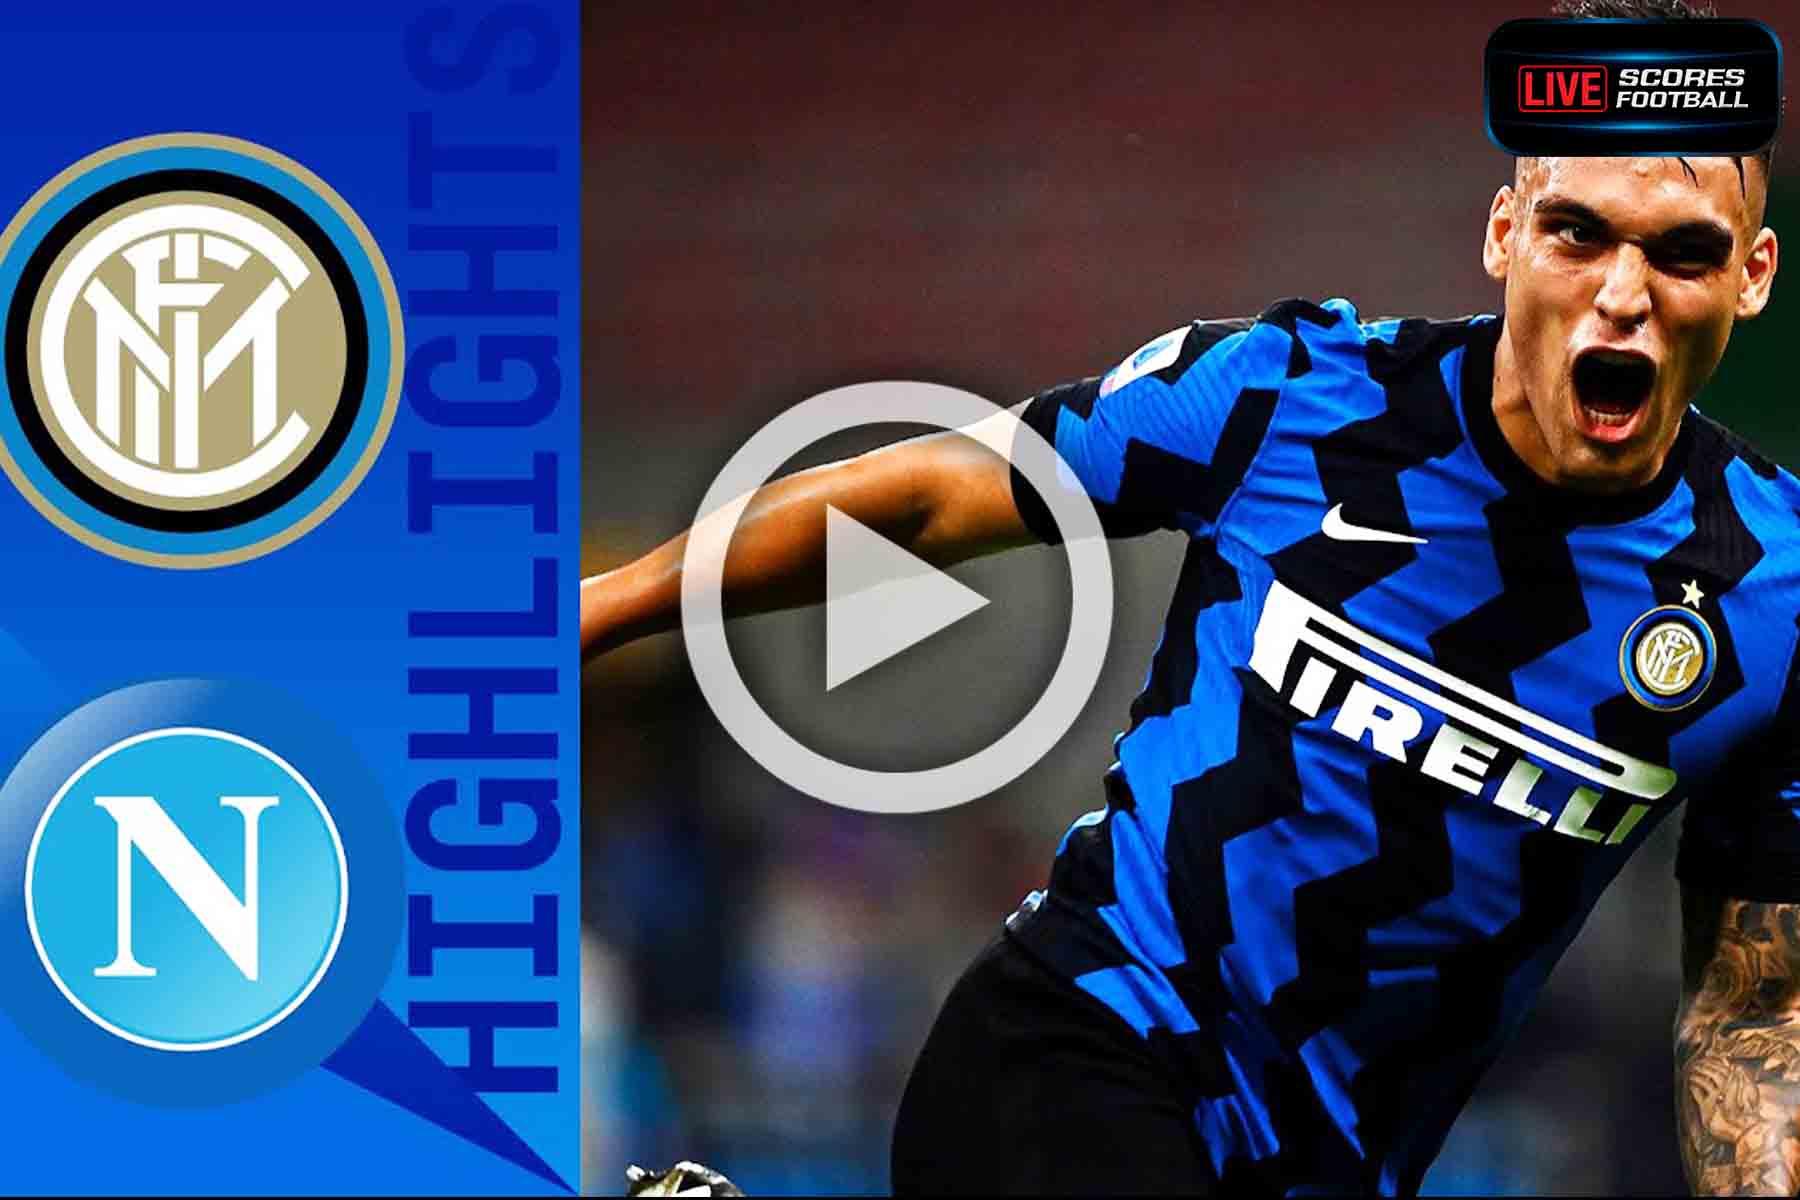 ไฮไลท์คู่เด็ด รวมลีกดังยุโรป(กัลโช่ ซีรีย์ อา)อิตาลี อินเตอร์ มิลาน 2-0 นาโปลี วันที่ 28-7-2020